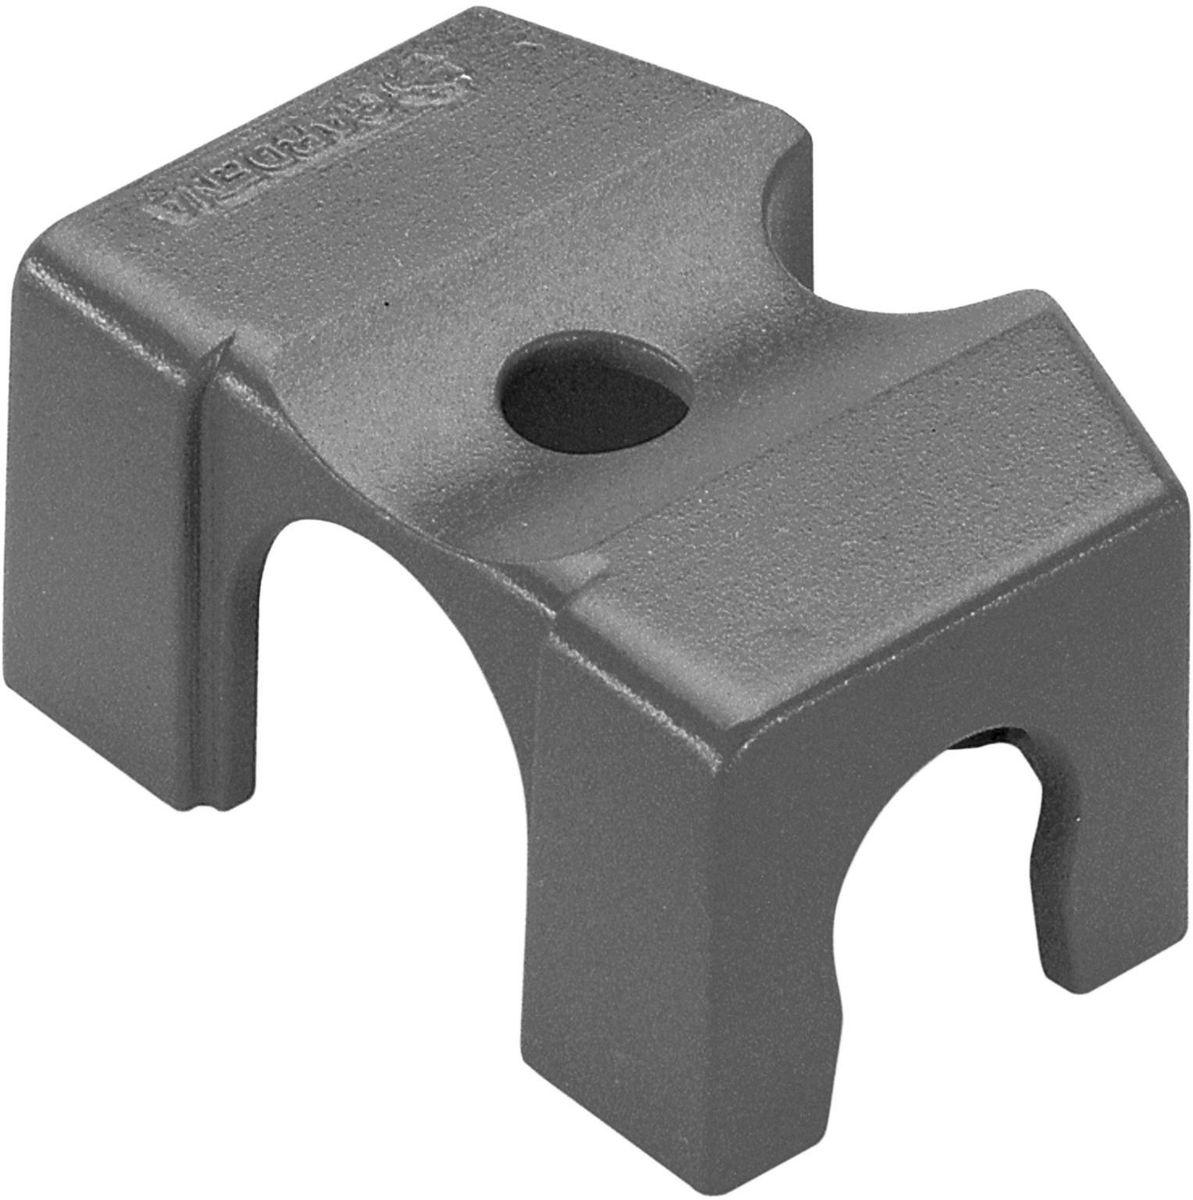 Крепление Gardena, резьба 13 мм (1/2), 2 штА00319Крепление Gardena предназначено для простого и надежного закрепления шлангов системы микрокапельного полива Gardena Micro-Drip-System на твердой поверхности. Также крепление используется для закрепления микронасадок на магистральном шланге диаметром 13 мм (1/2 дюйма). Крепление в паре с Т-образным соединителем для микронасадок и надставкой (не входят в комплект) позволяет регулировать высоту микронасадок. В комплект поставки входят два крепления.